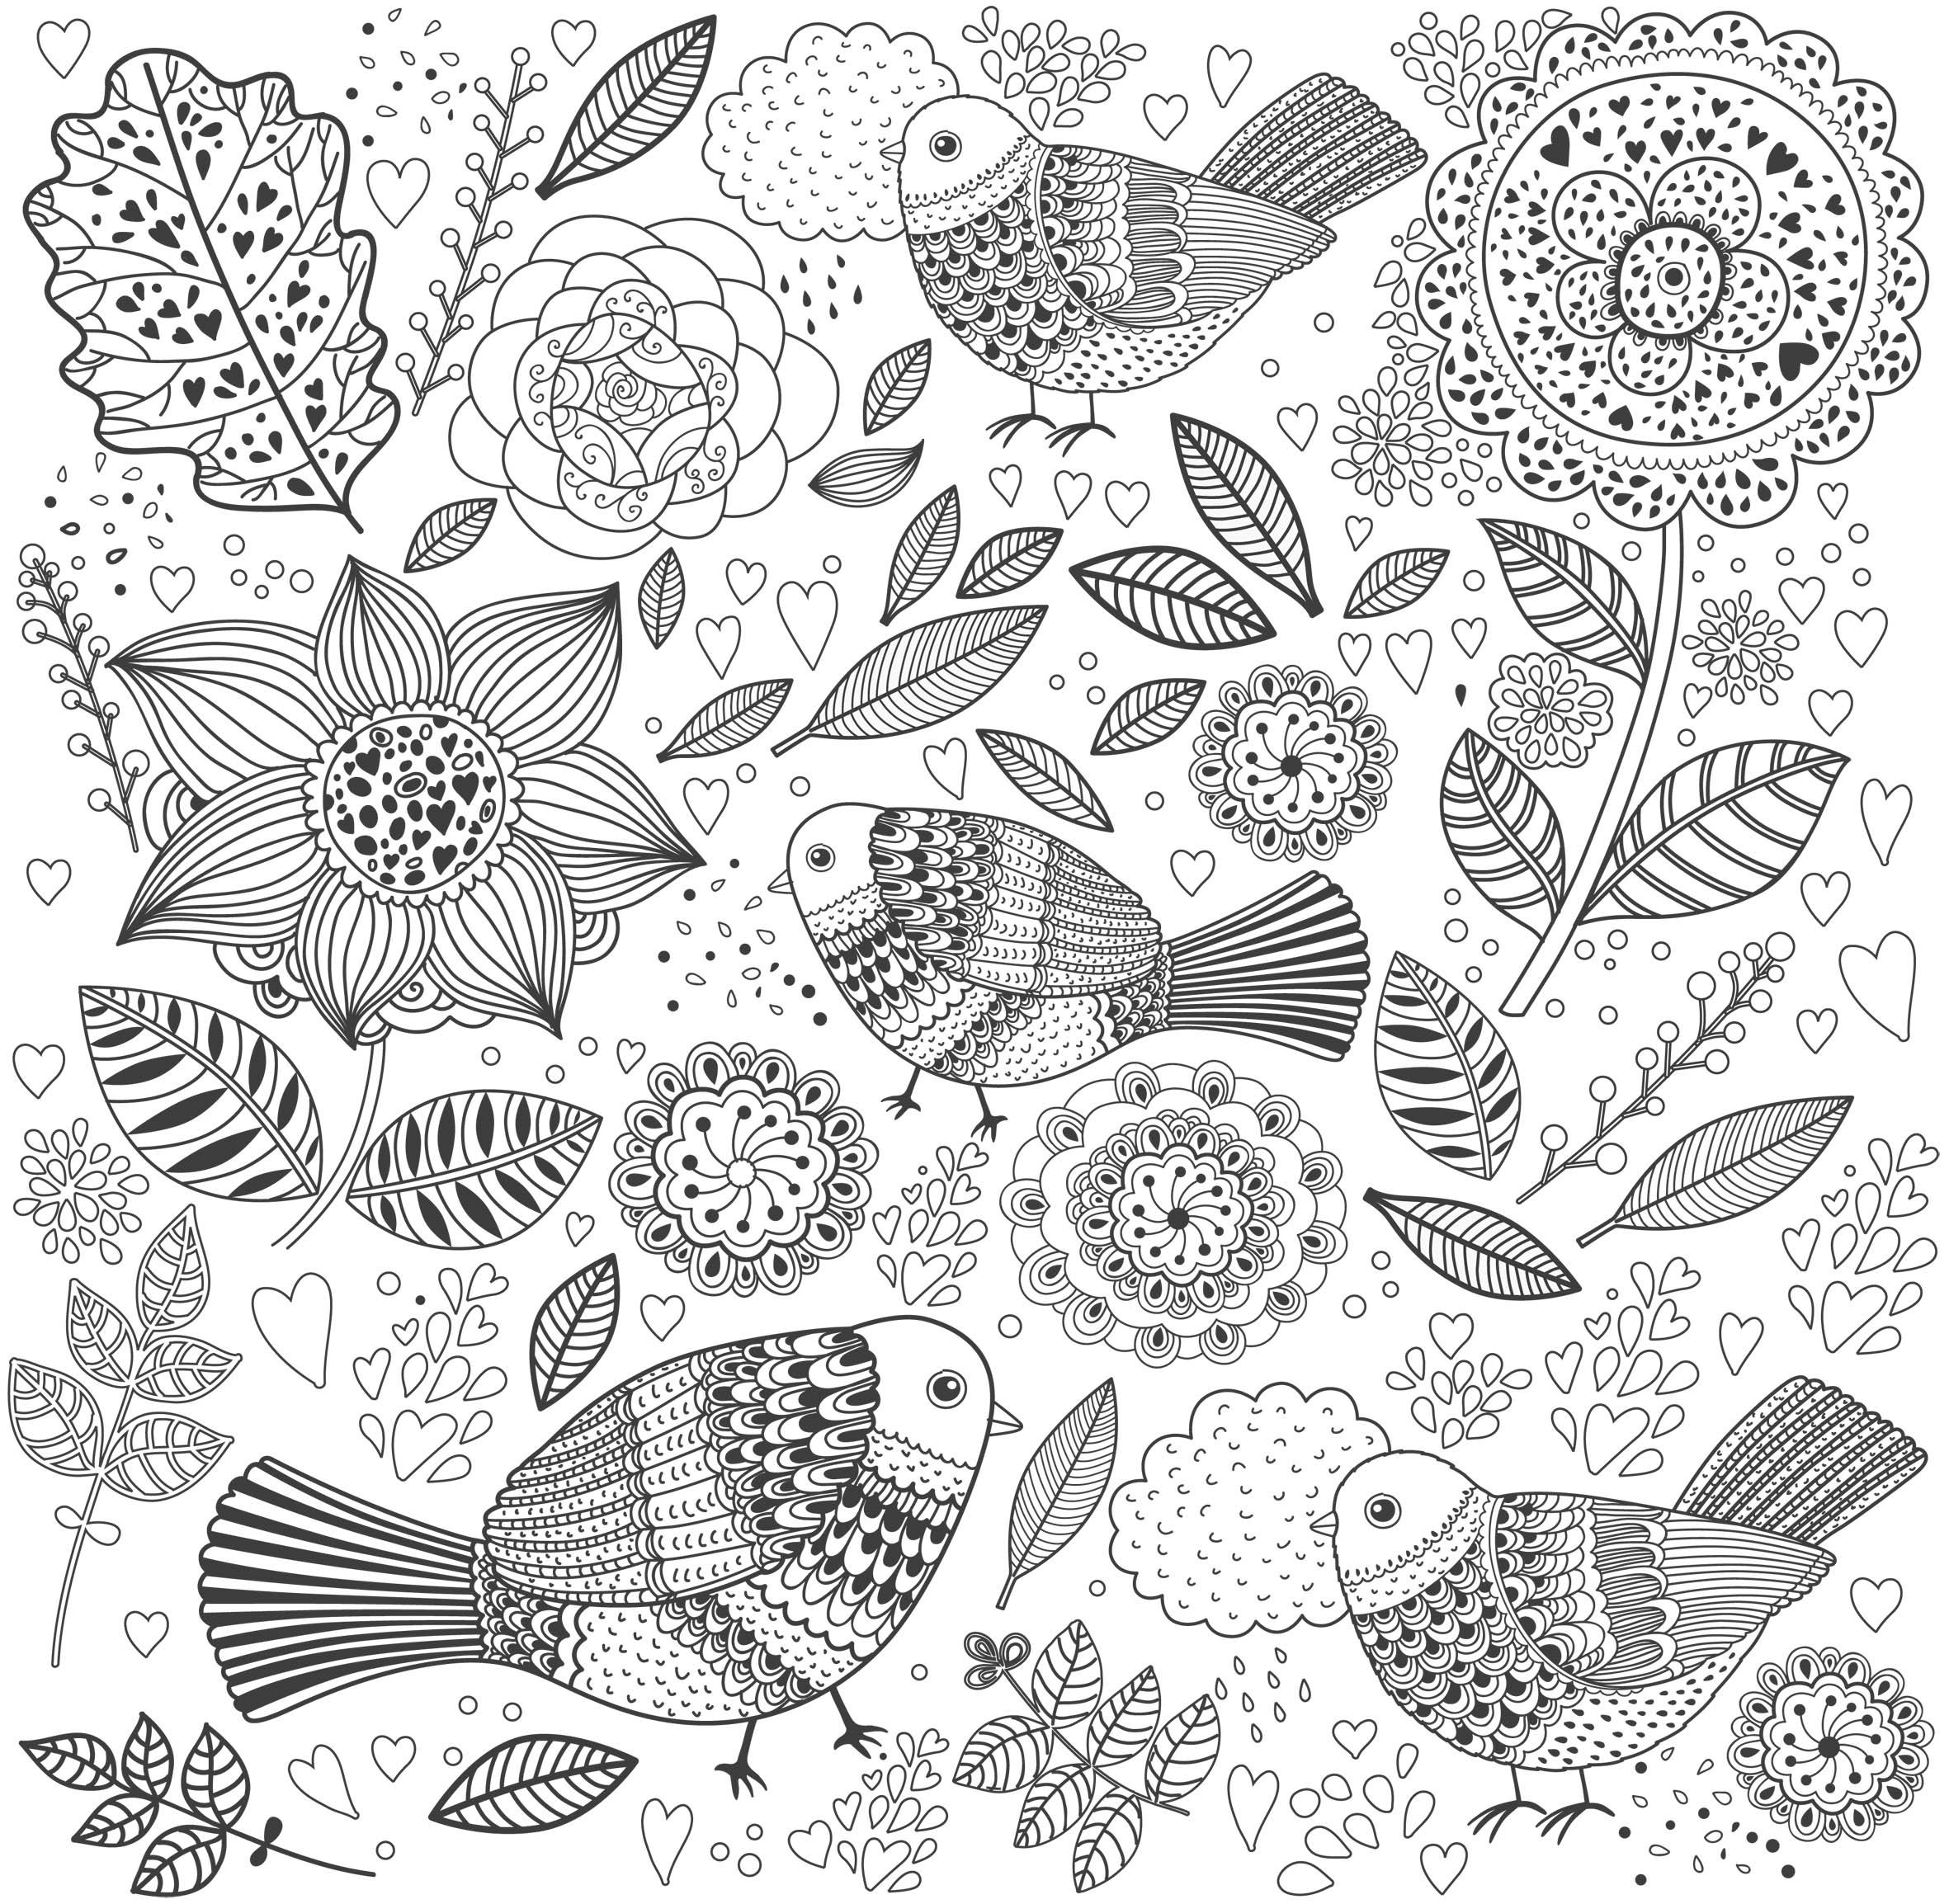 Coloriage Anti-stress #126952 (Relaxation) - Album de coloriages